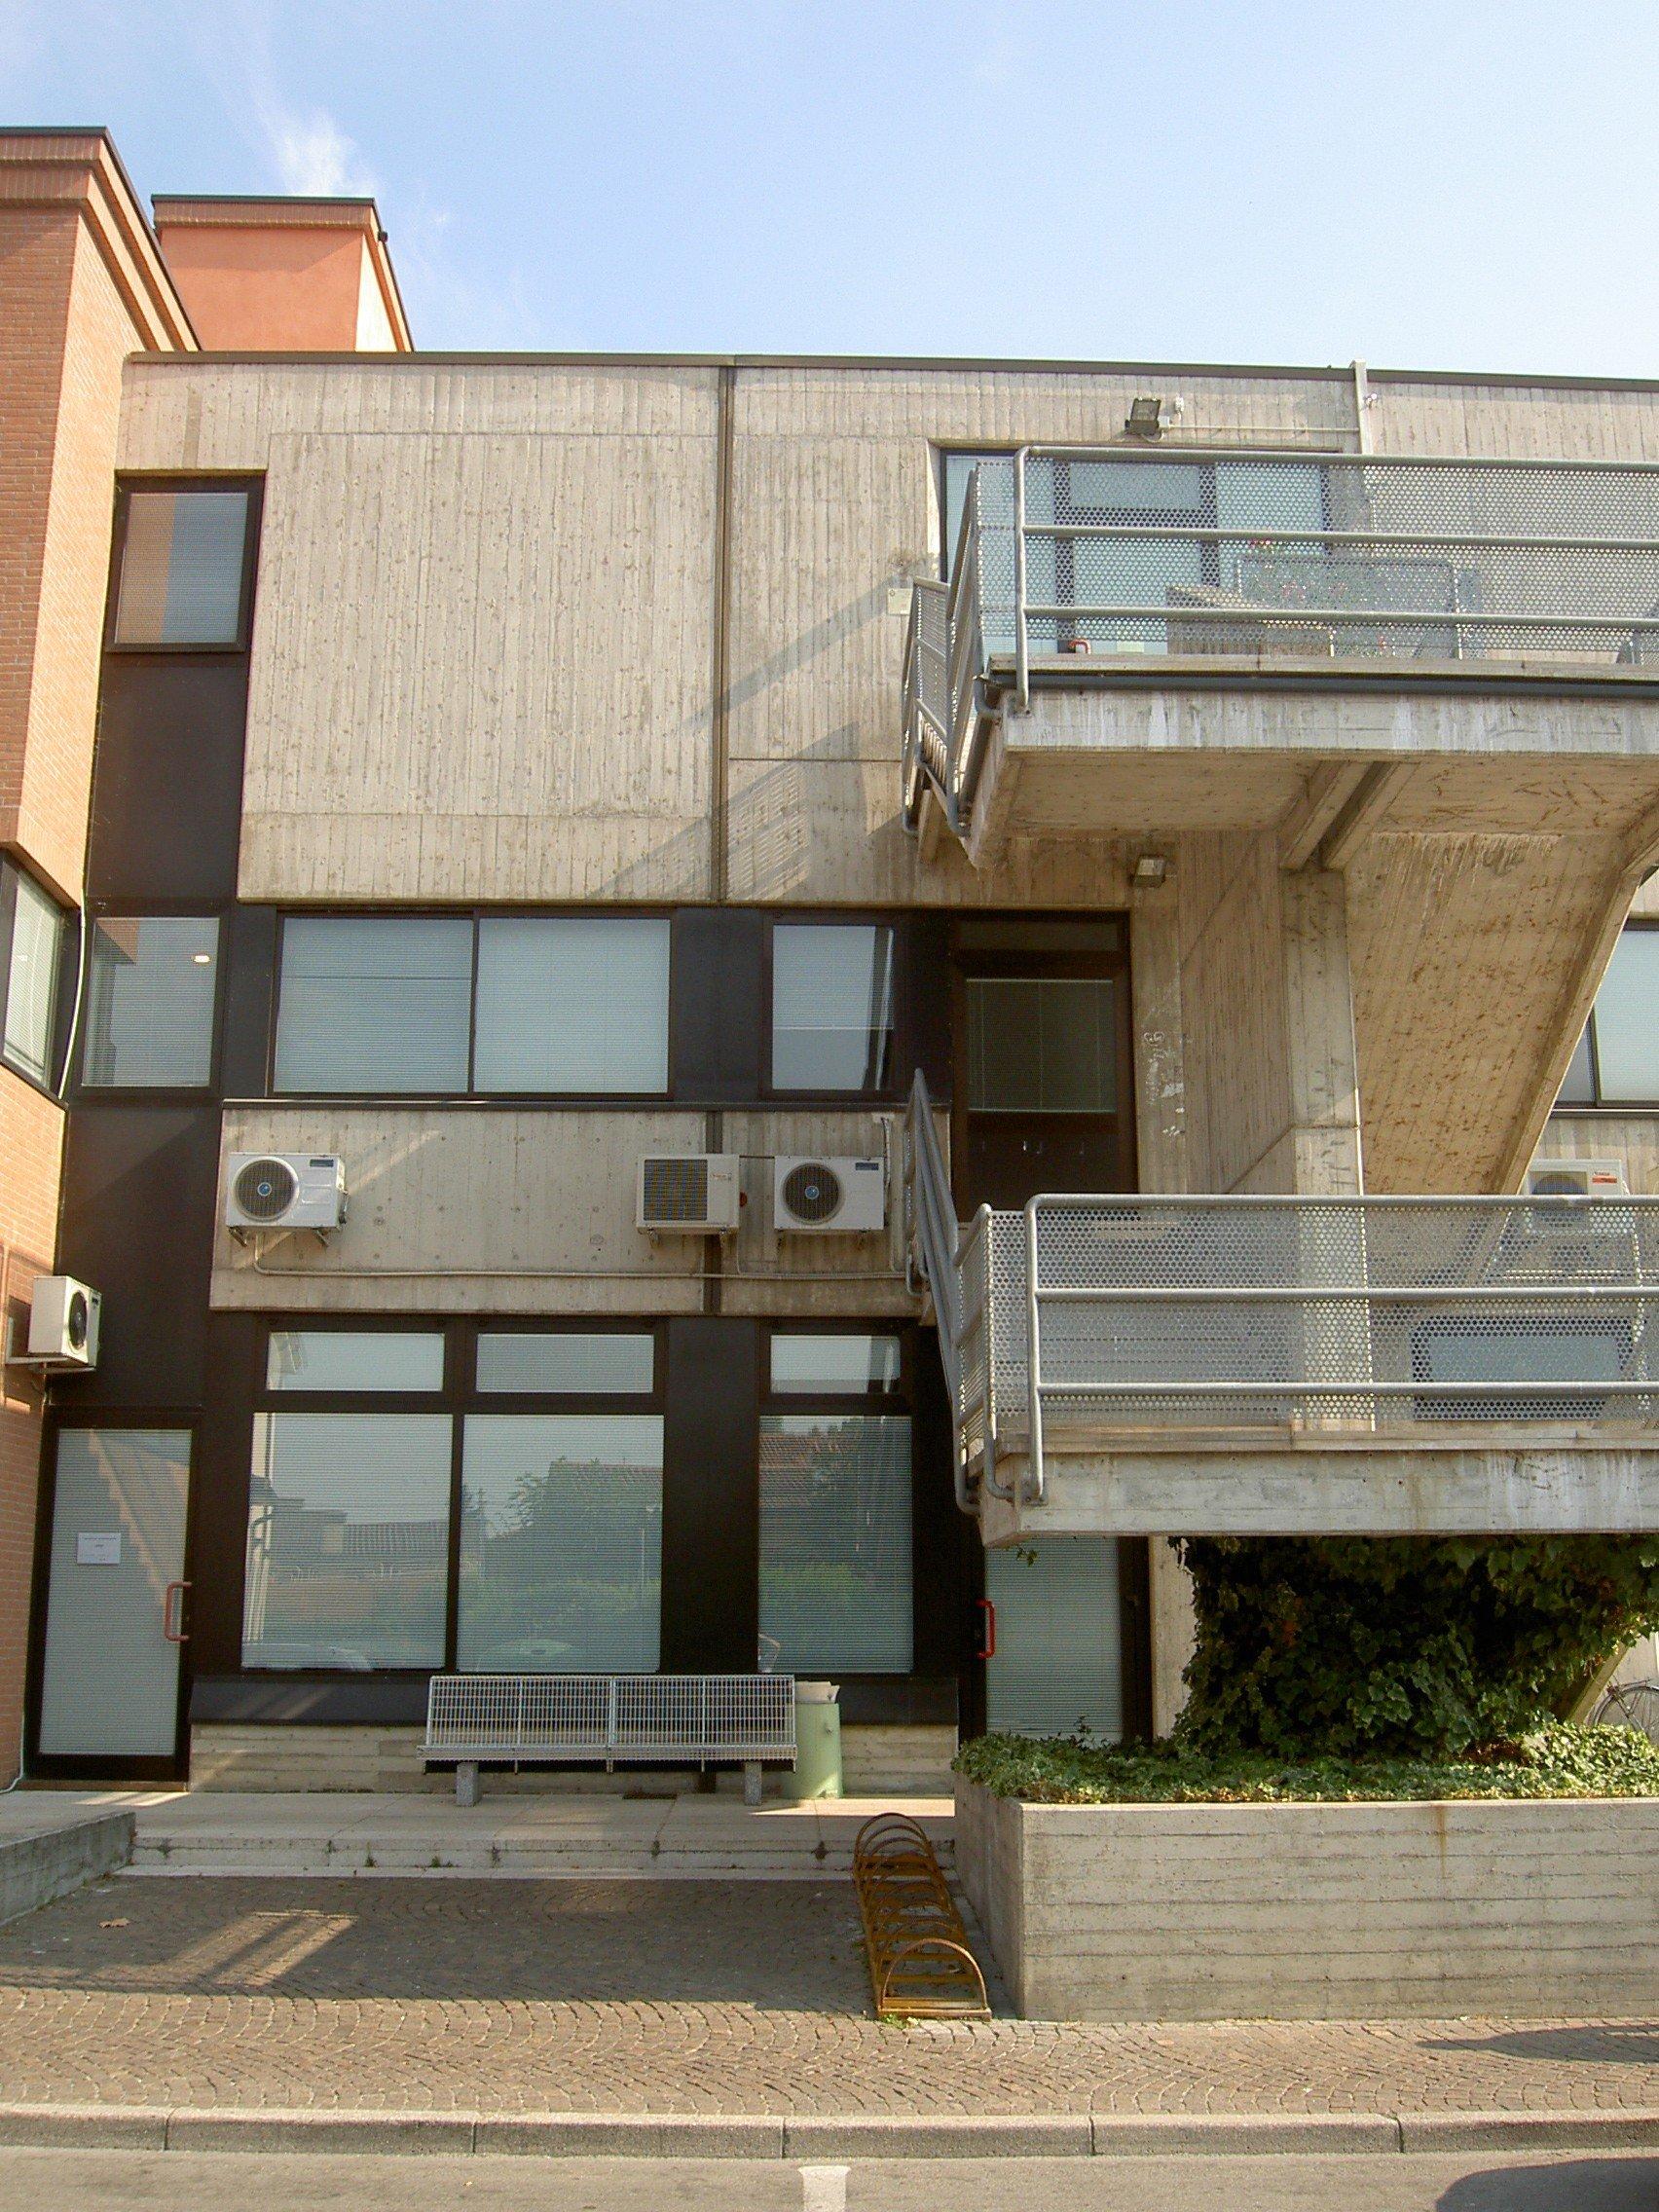 panoramica di un edificio